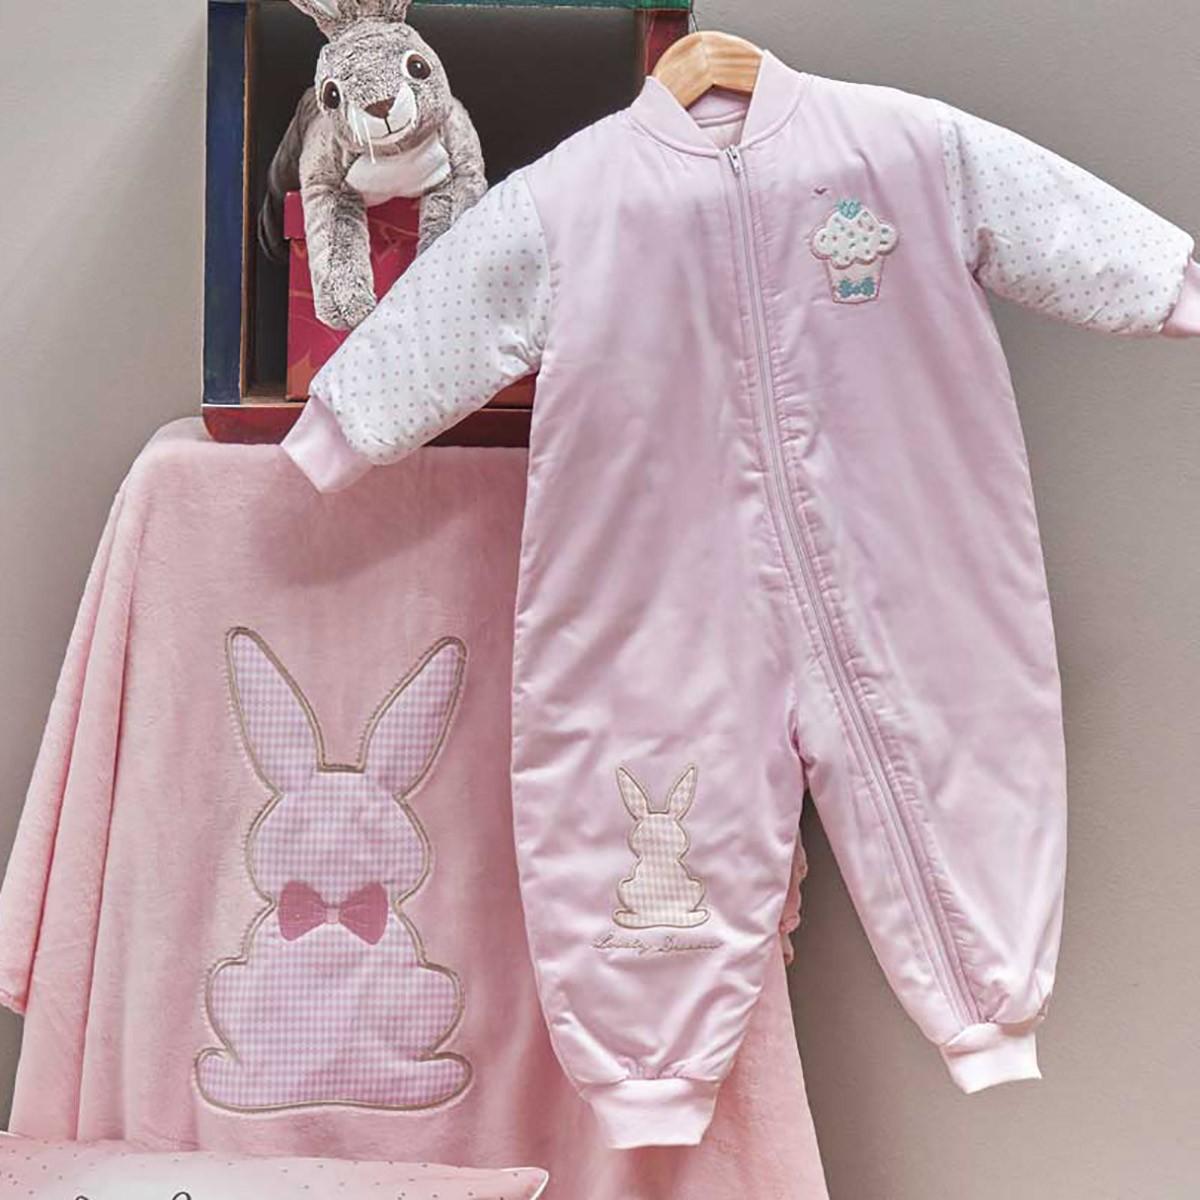 Υπνόσακος (12-24 μηνών) Kentia Baby Rabbit 14